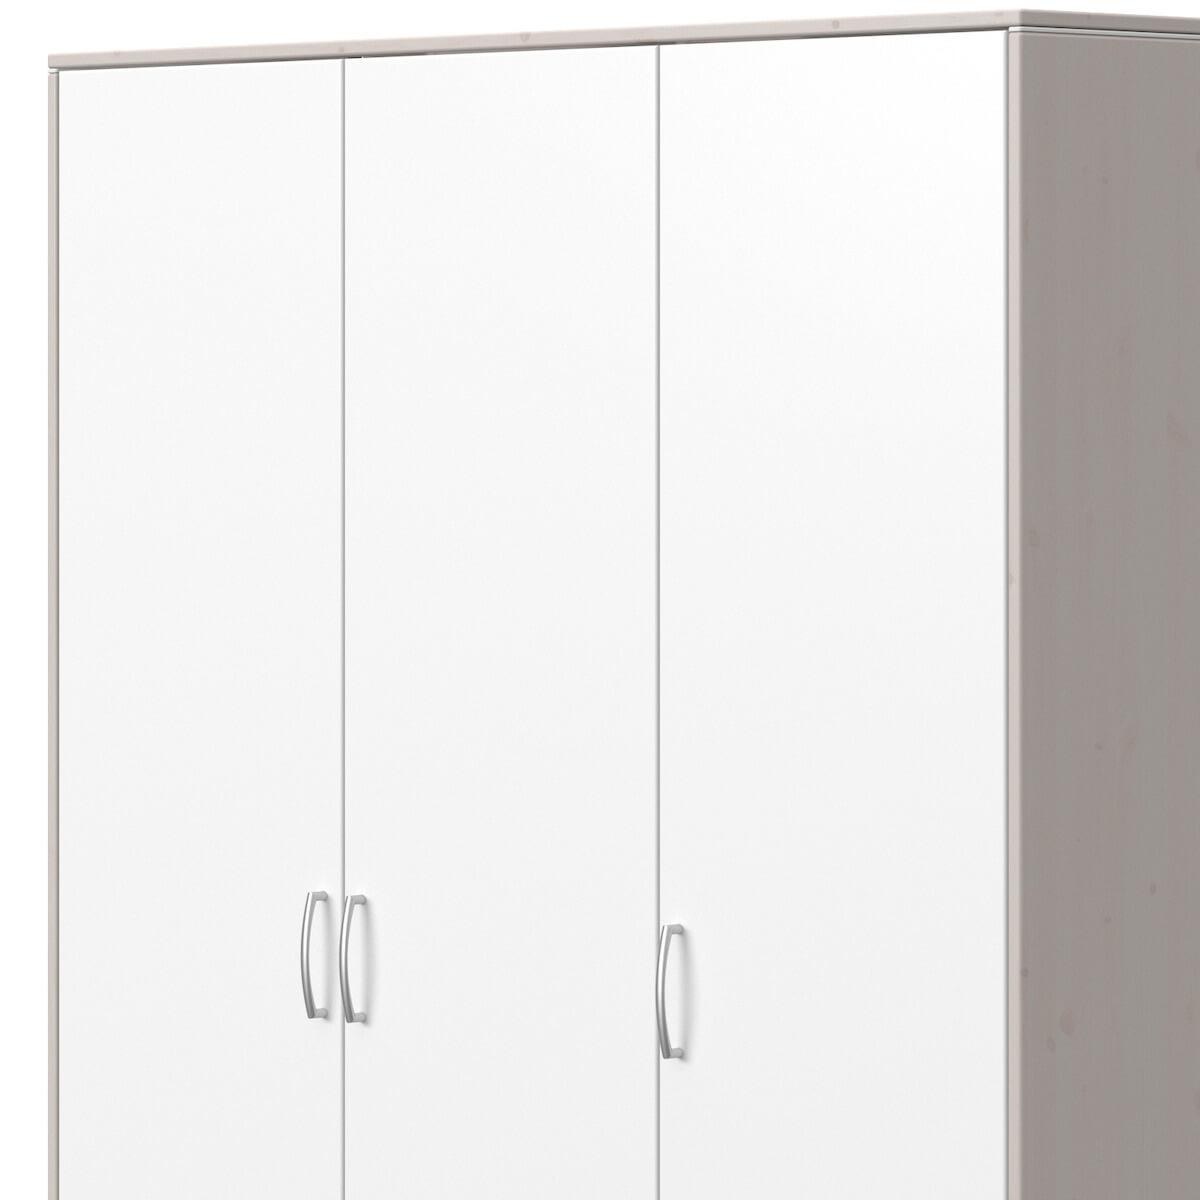 Kleiderschrank 3 Türen 2 Schubladen CLASSIC Flexa weiß-grey washed